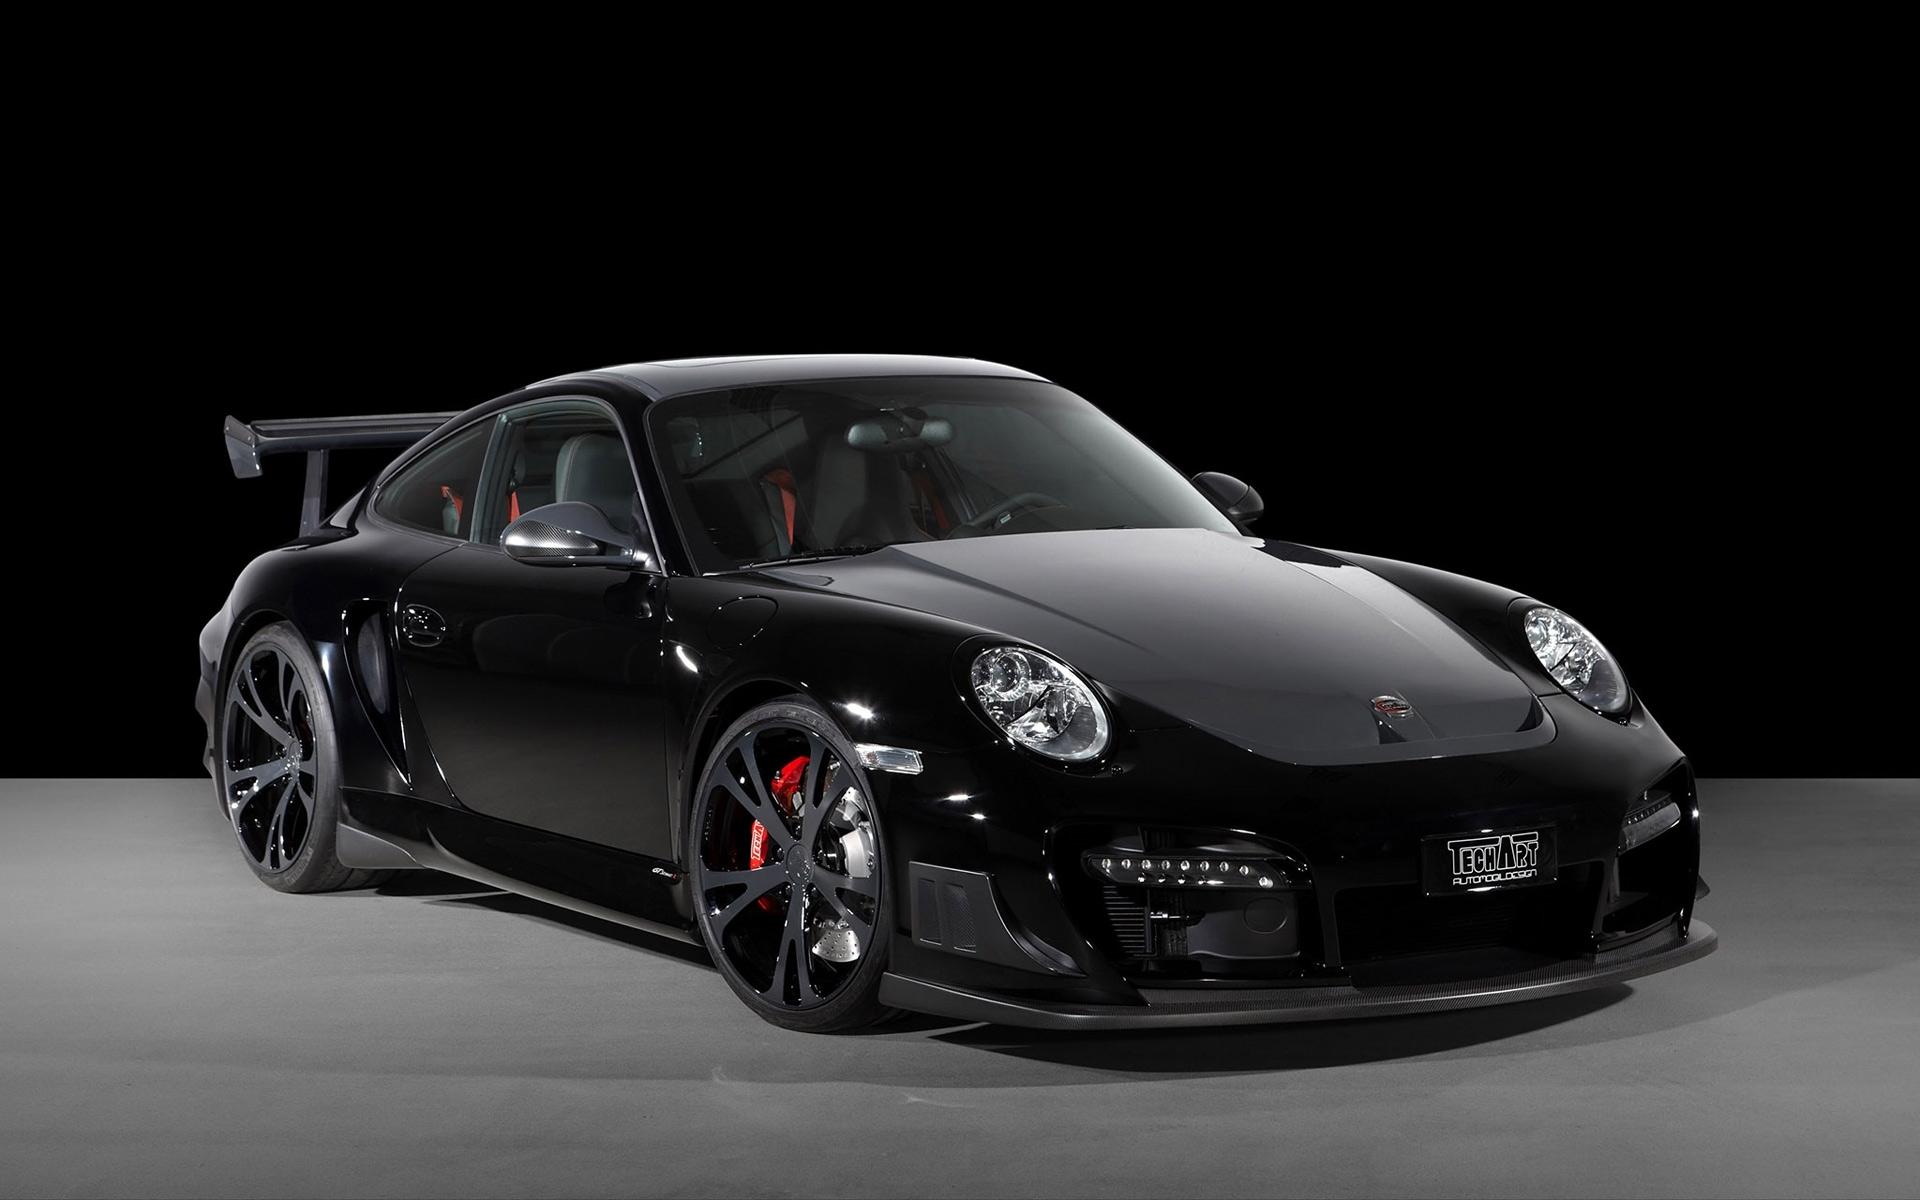 44324 скачать обои Транспорт, Машины, Порш (Porsche) - заставки и картинки бесплатно